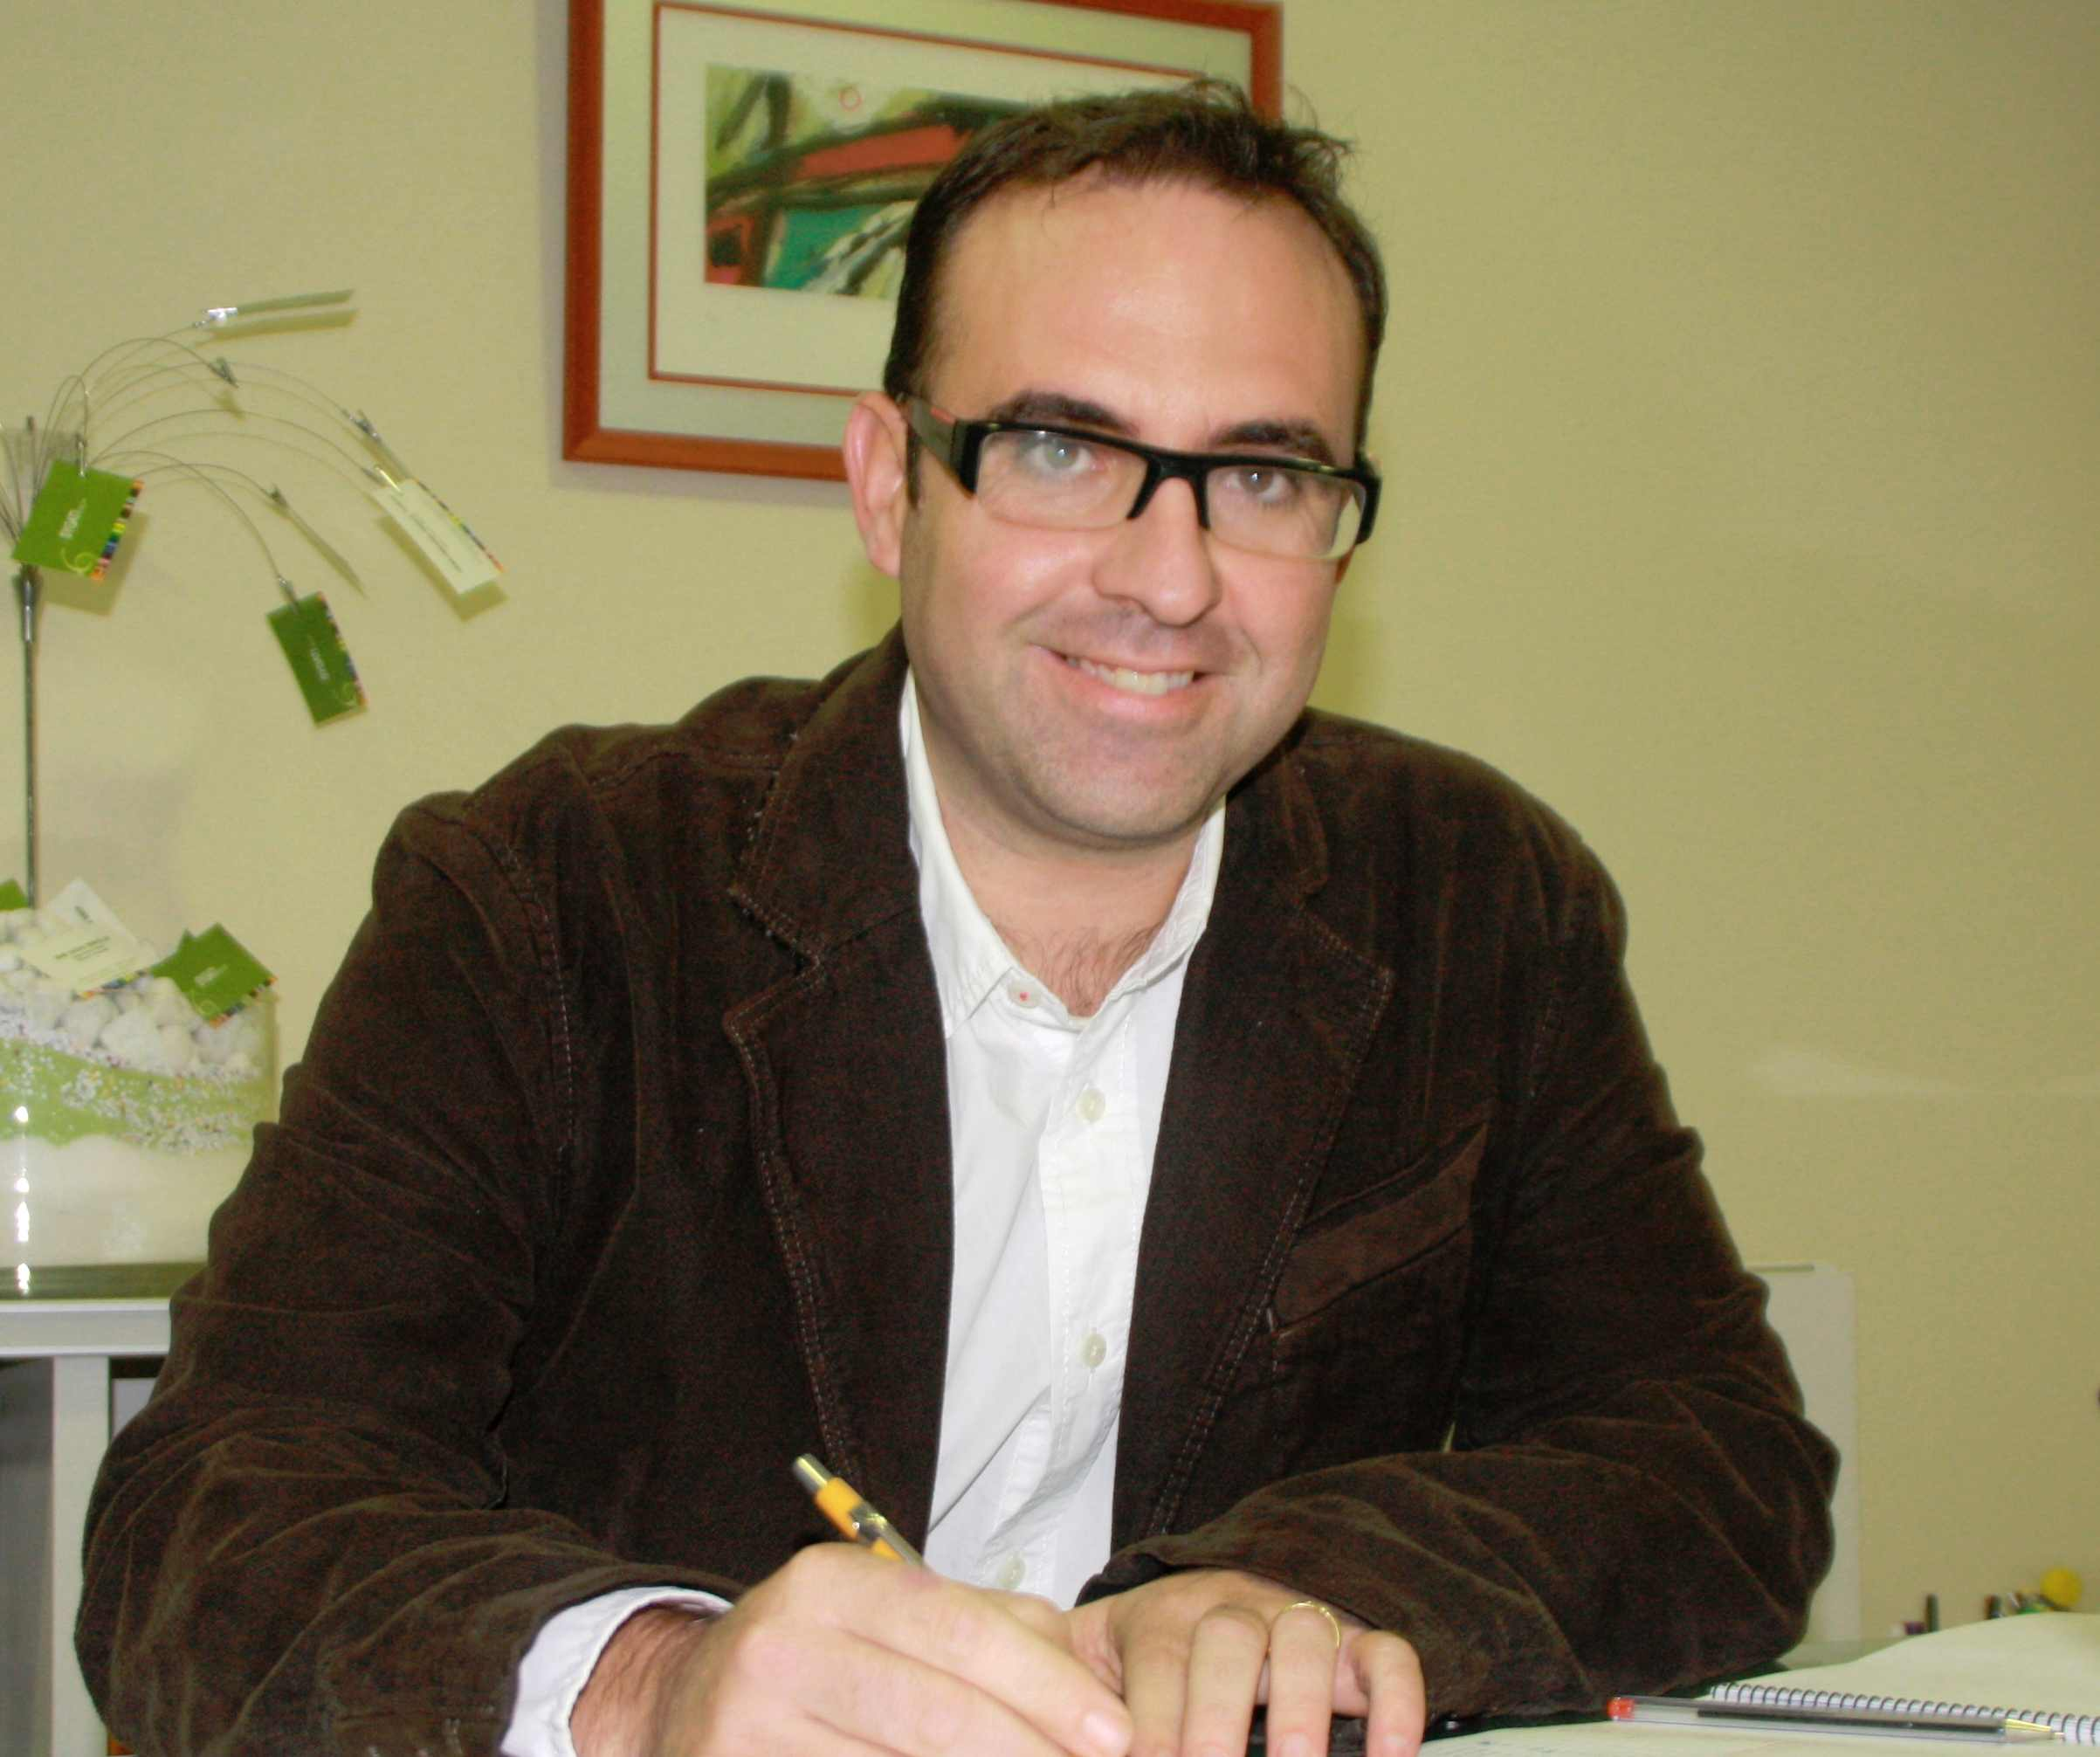 José Ignacio Cacho Cervelló